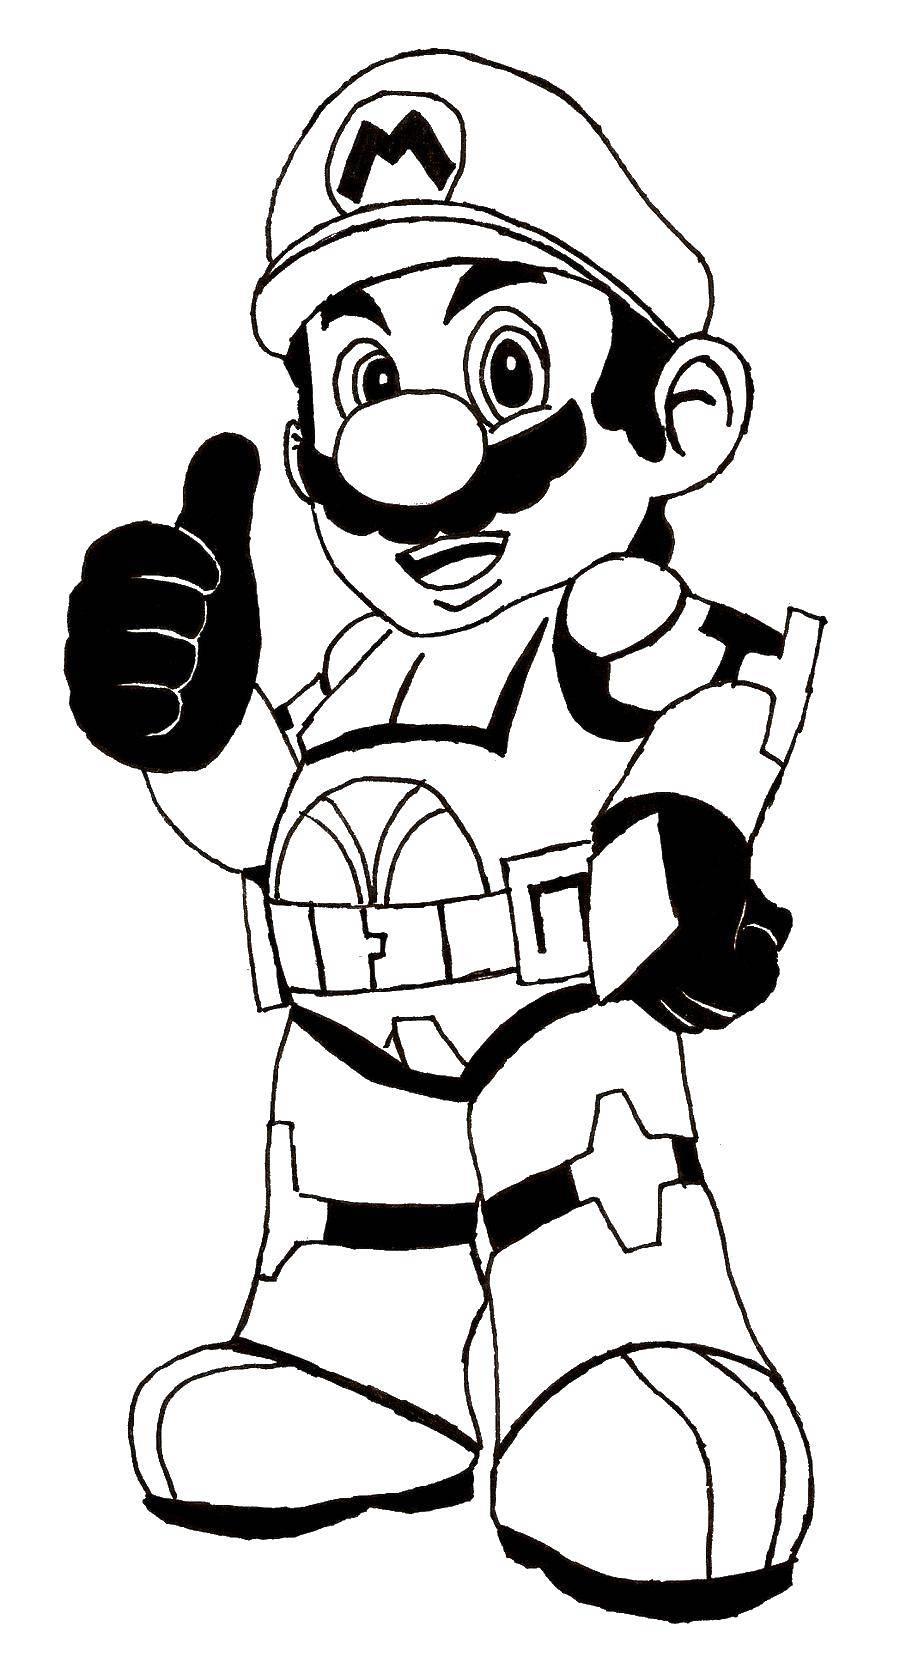 Раскраска Марио Скачать марио, игры, персонажи, супер марио.  Распечатать ,марио,